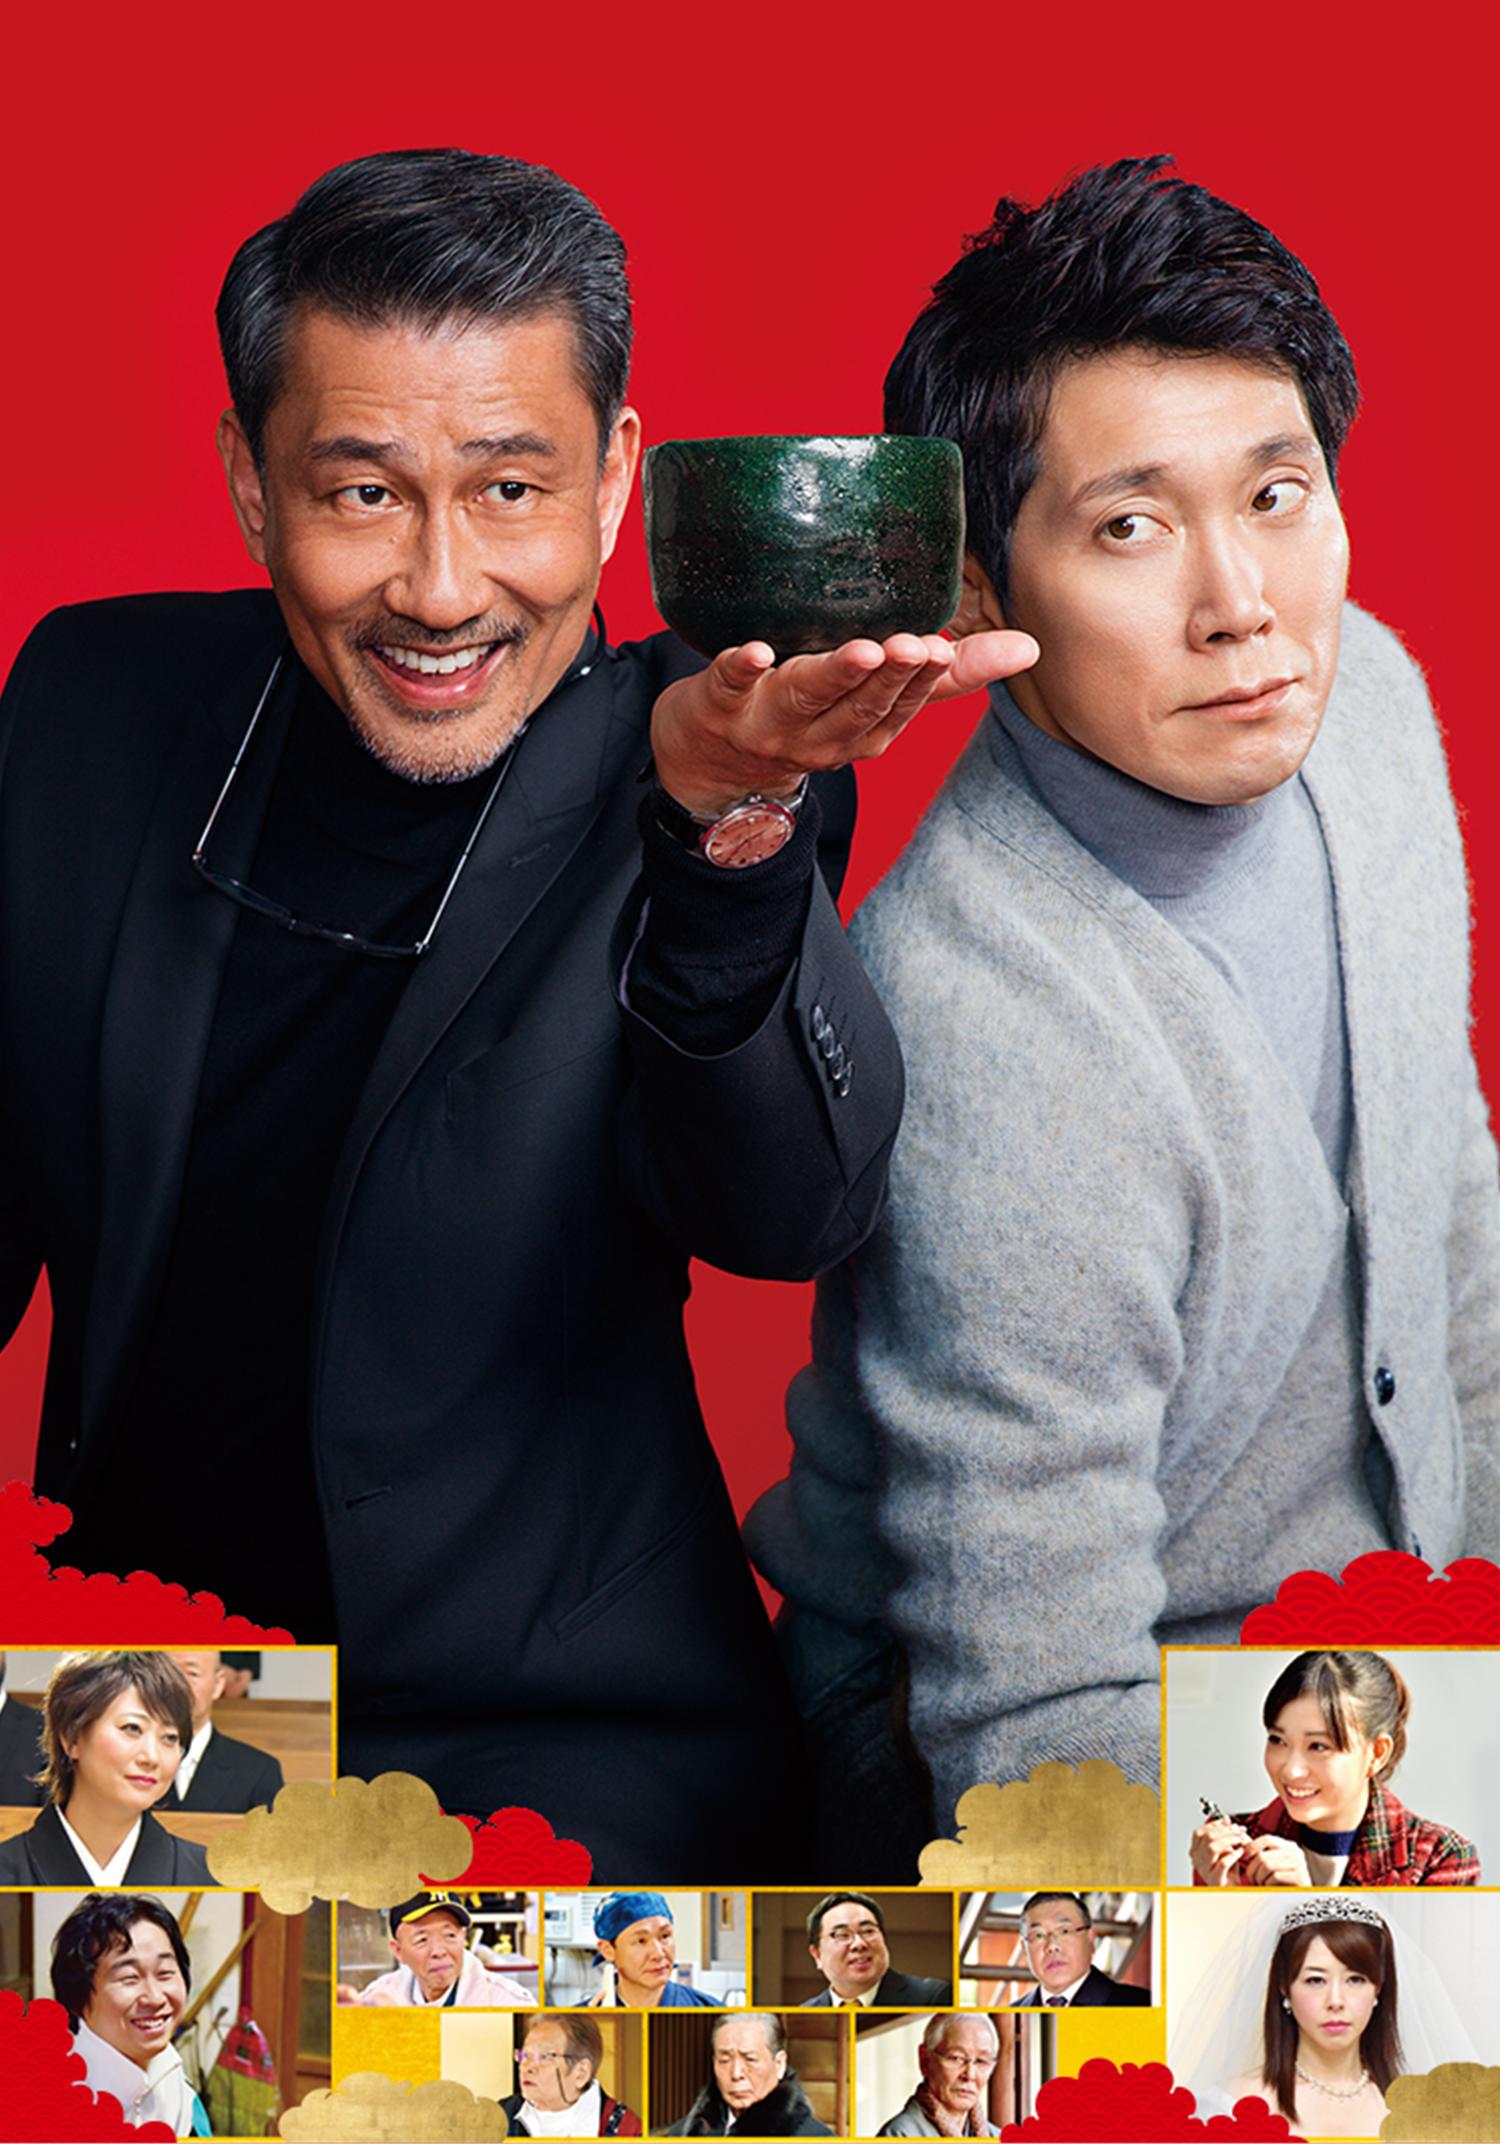 映画『嘘八百』公式サイト - Blu-ray&DVD発売中、好評デジタル配信中!